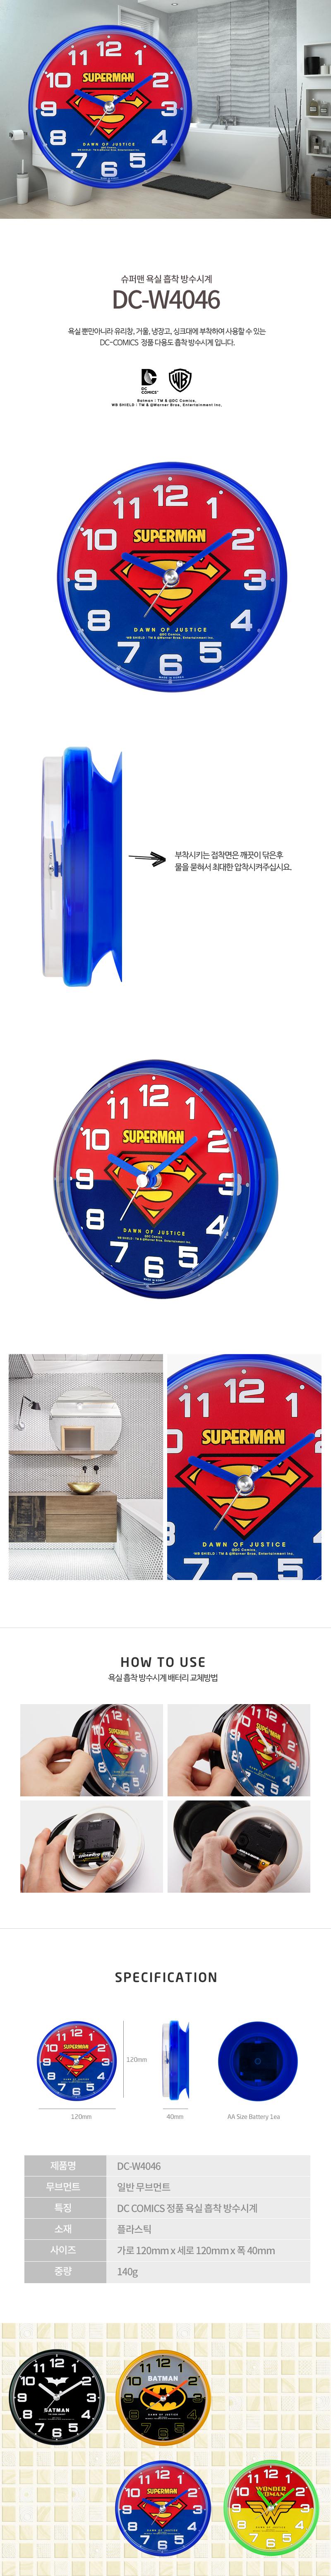 디씨코믹스(DC COMICS) [디씨코믹스] 슈퍼맨 욕실 흡착 방수시계 DC-W4046